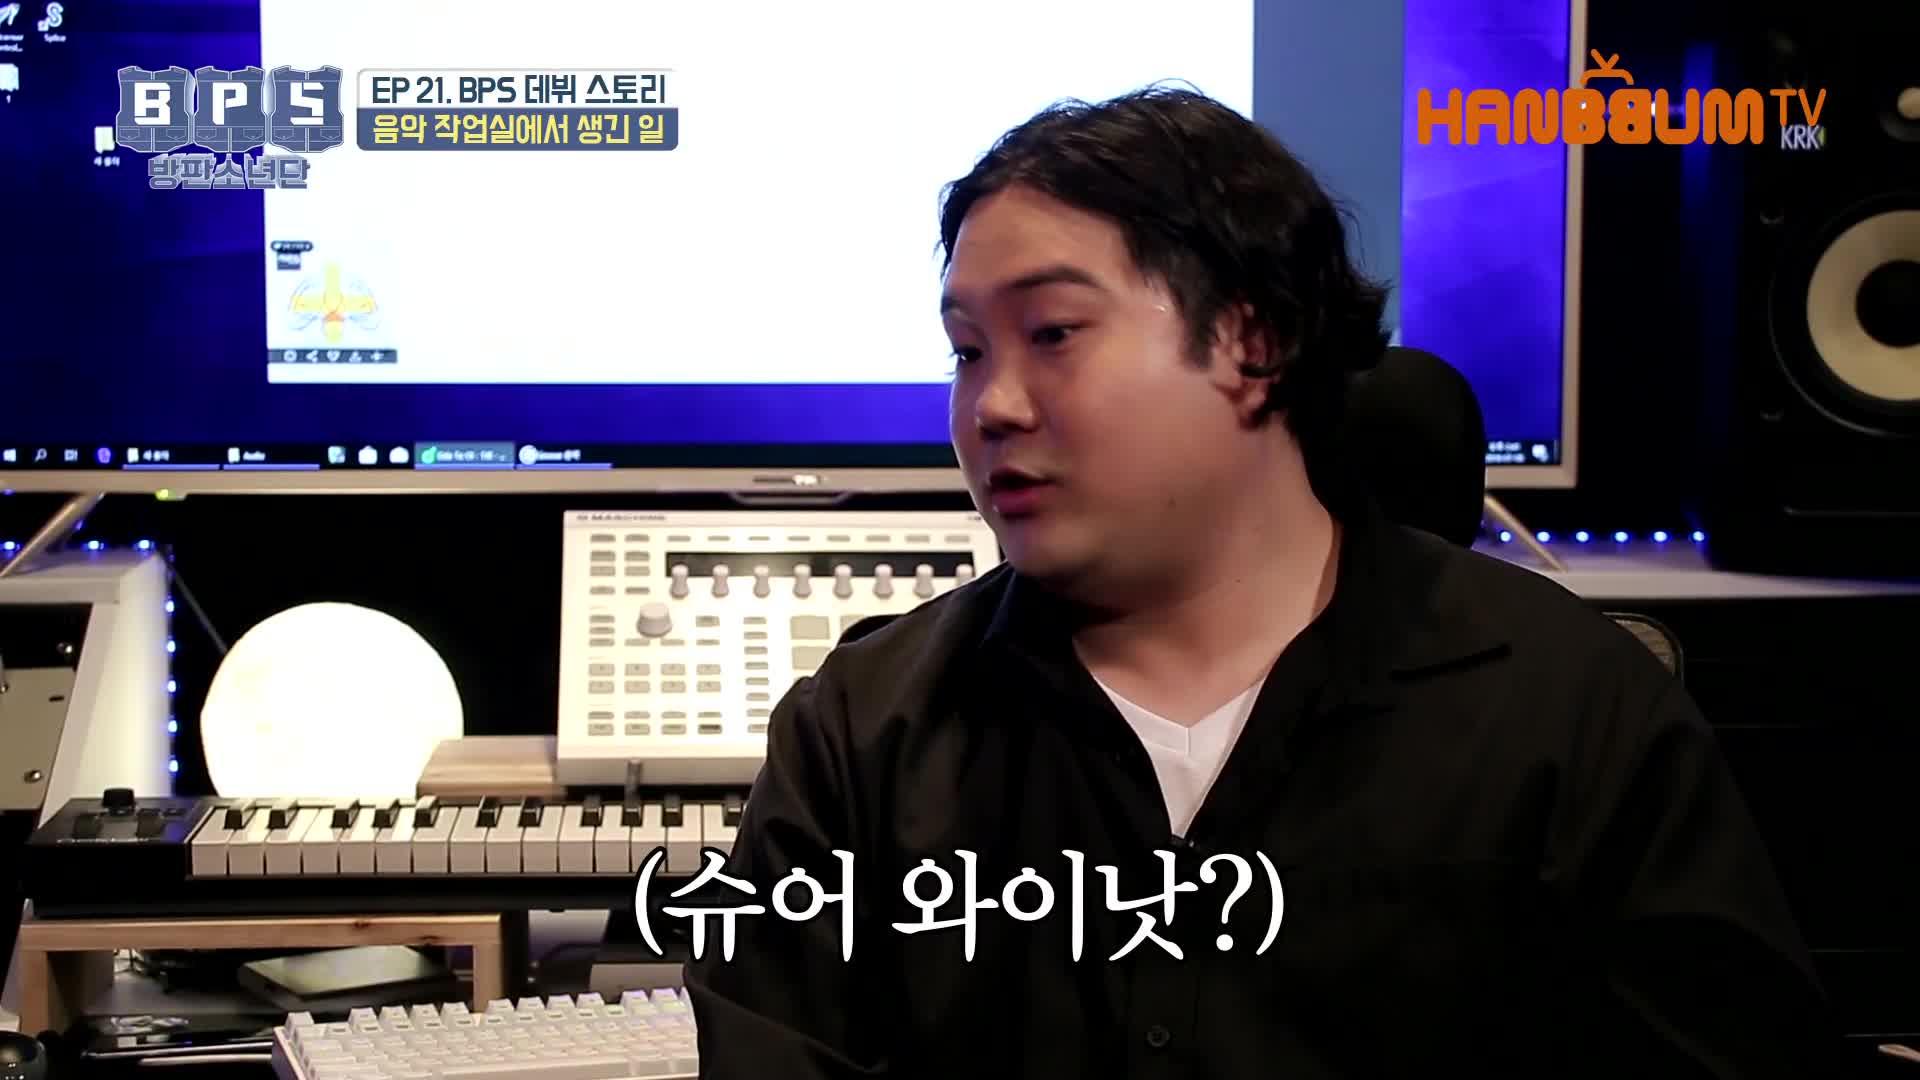 [방판소년단 EP21] 방판소년단 데뷔 초읽기?! 음원 발매의 서막